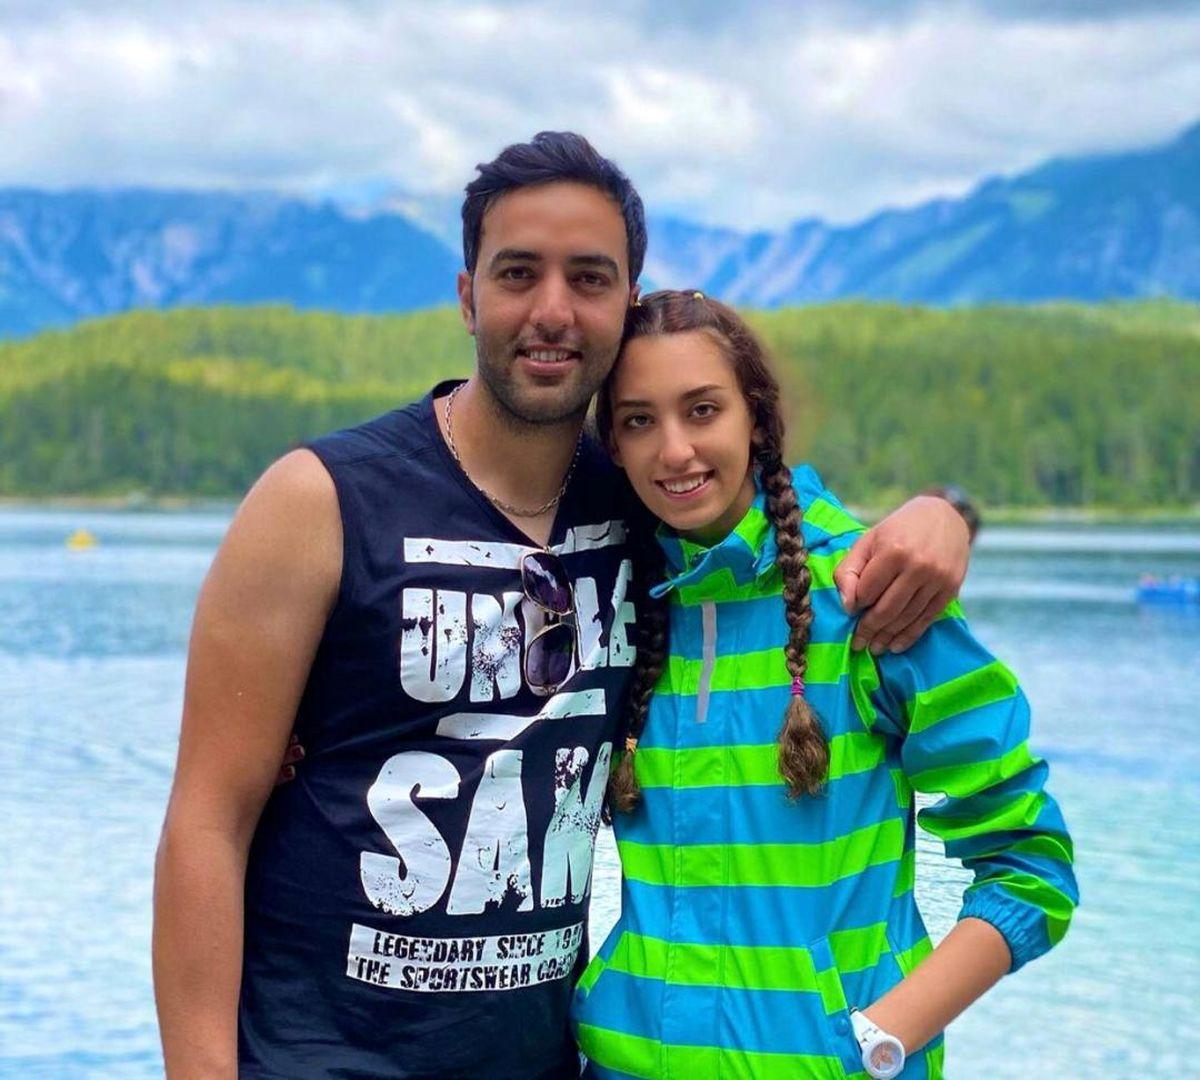 عکس لورفته از کیمیا علیزاده در کنار همسرش + عکس دونفره